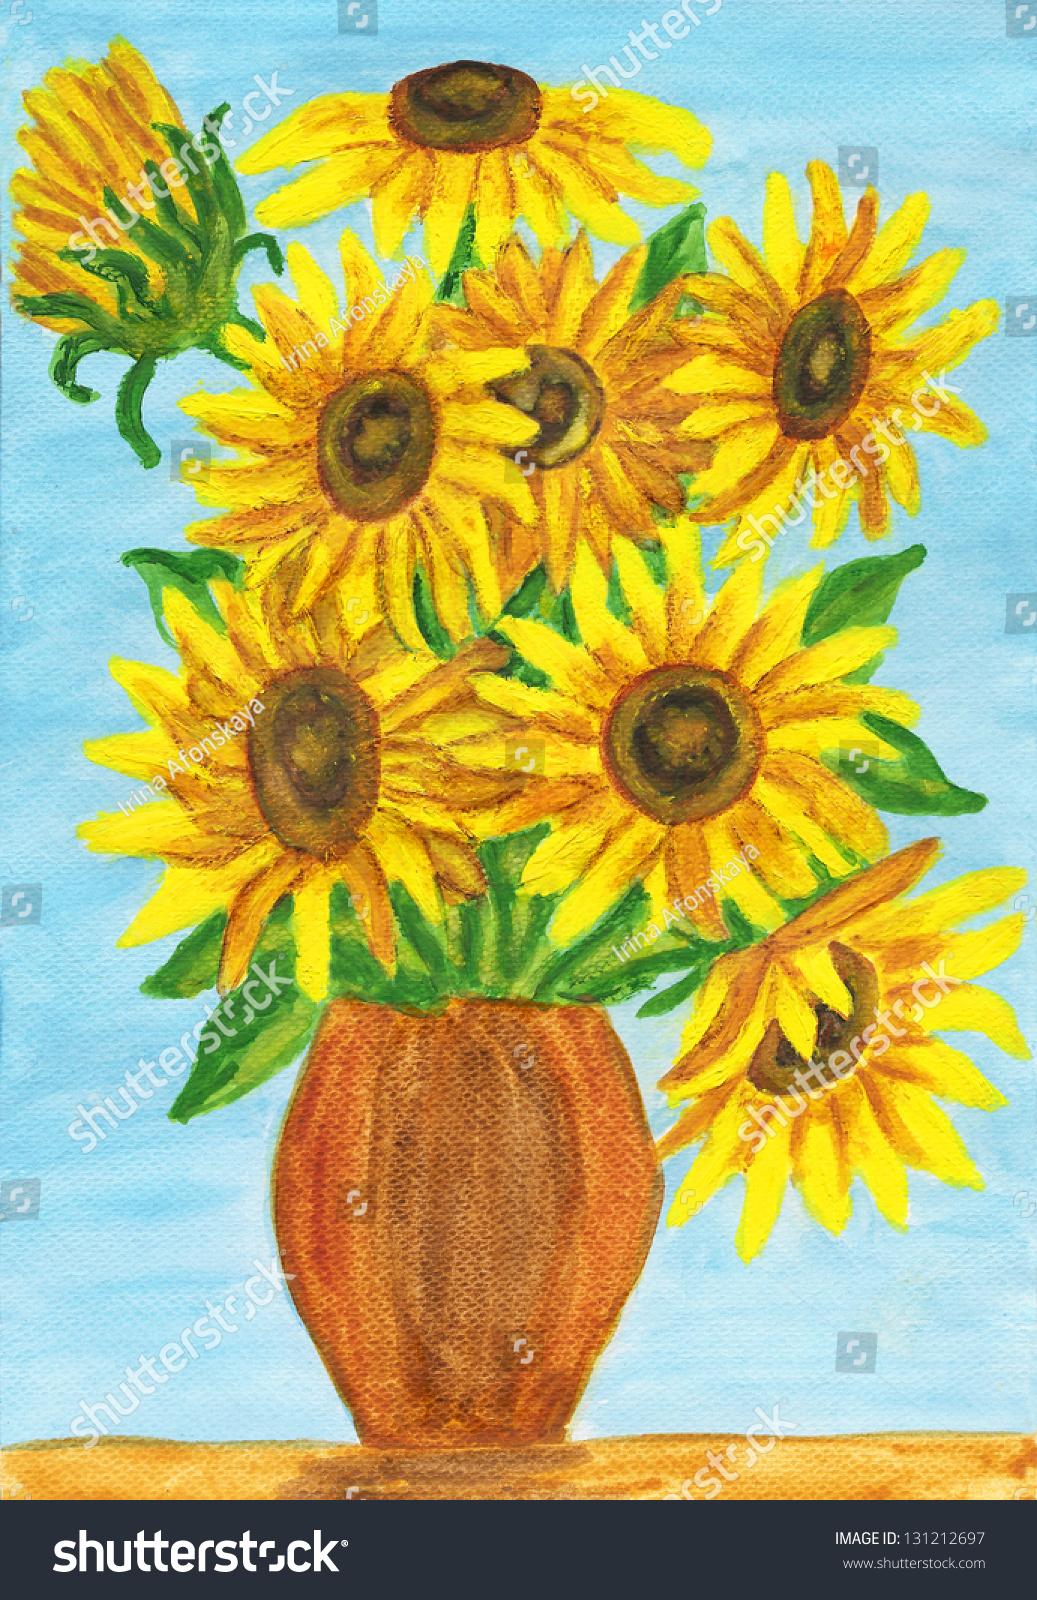 束向日葵,手绘图片,丙烯酸.-艺术,自然-海洛创意()-.